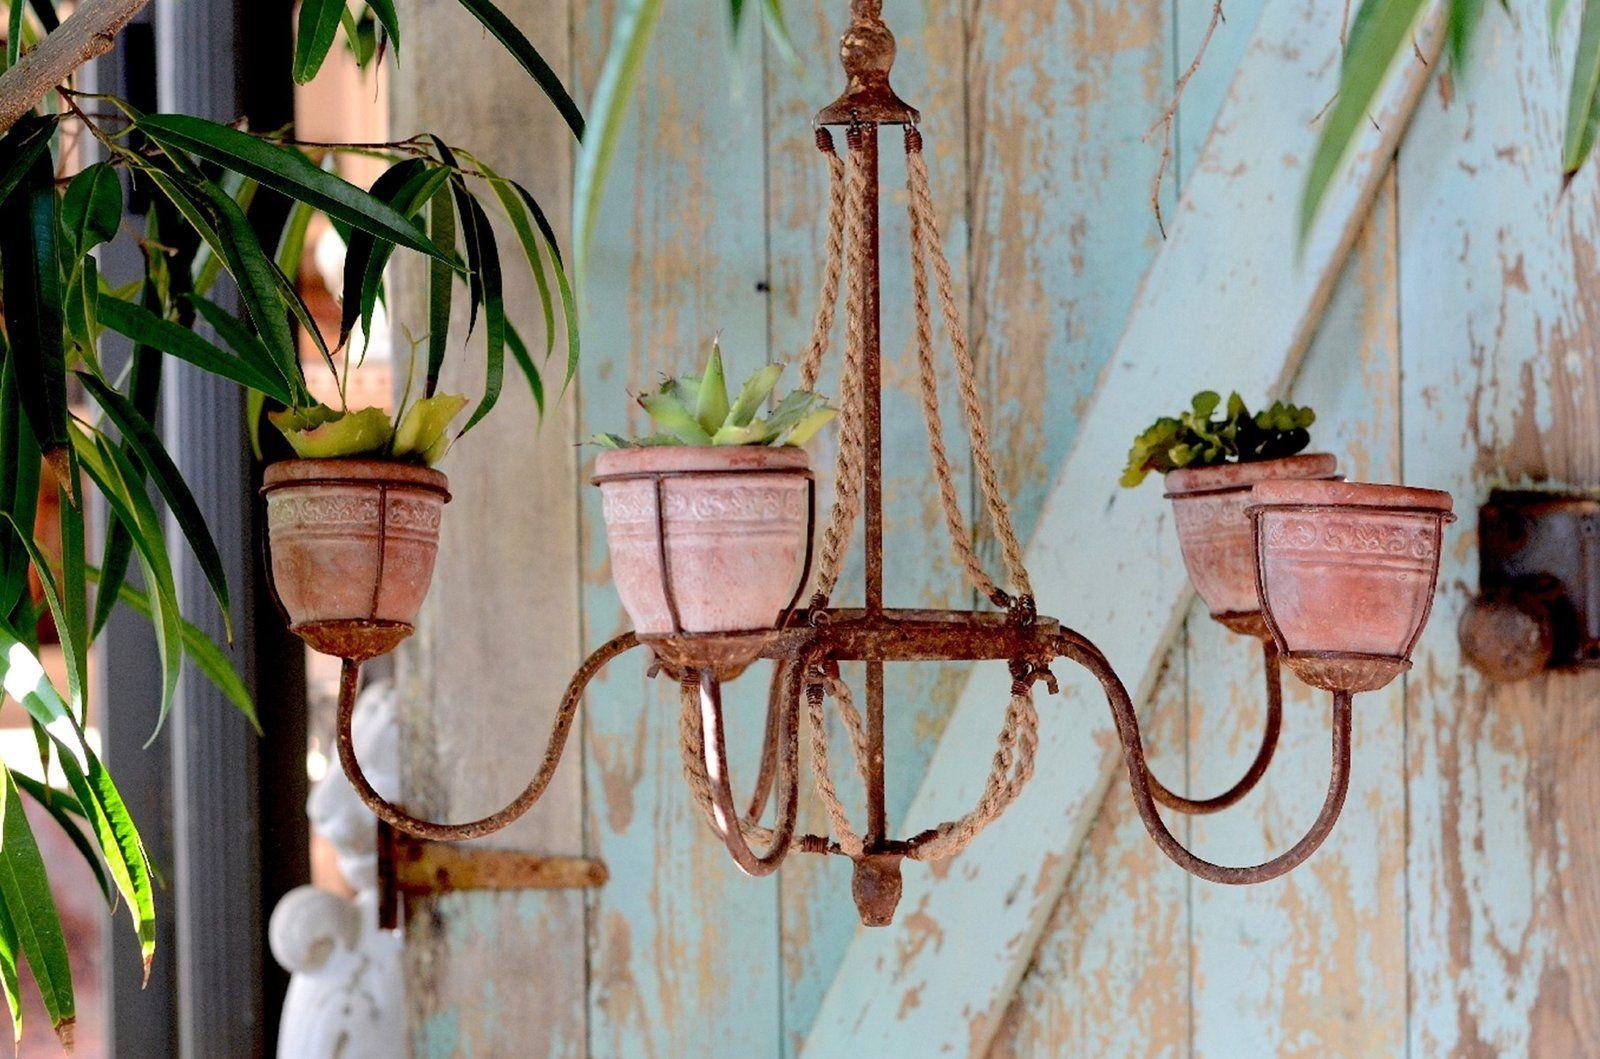 5 planter chandelier succulent wall art wall planter